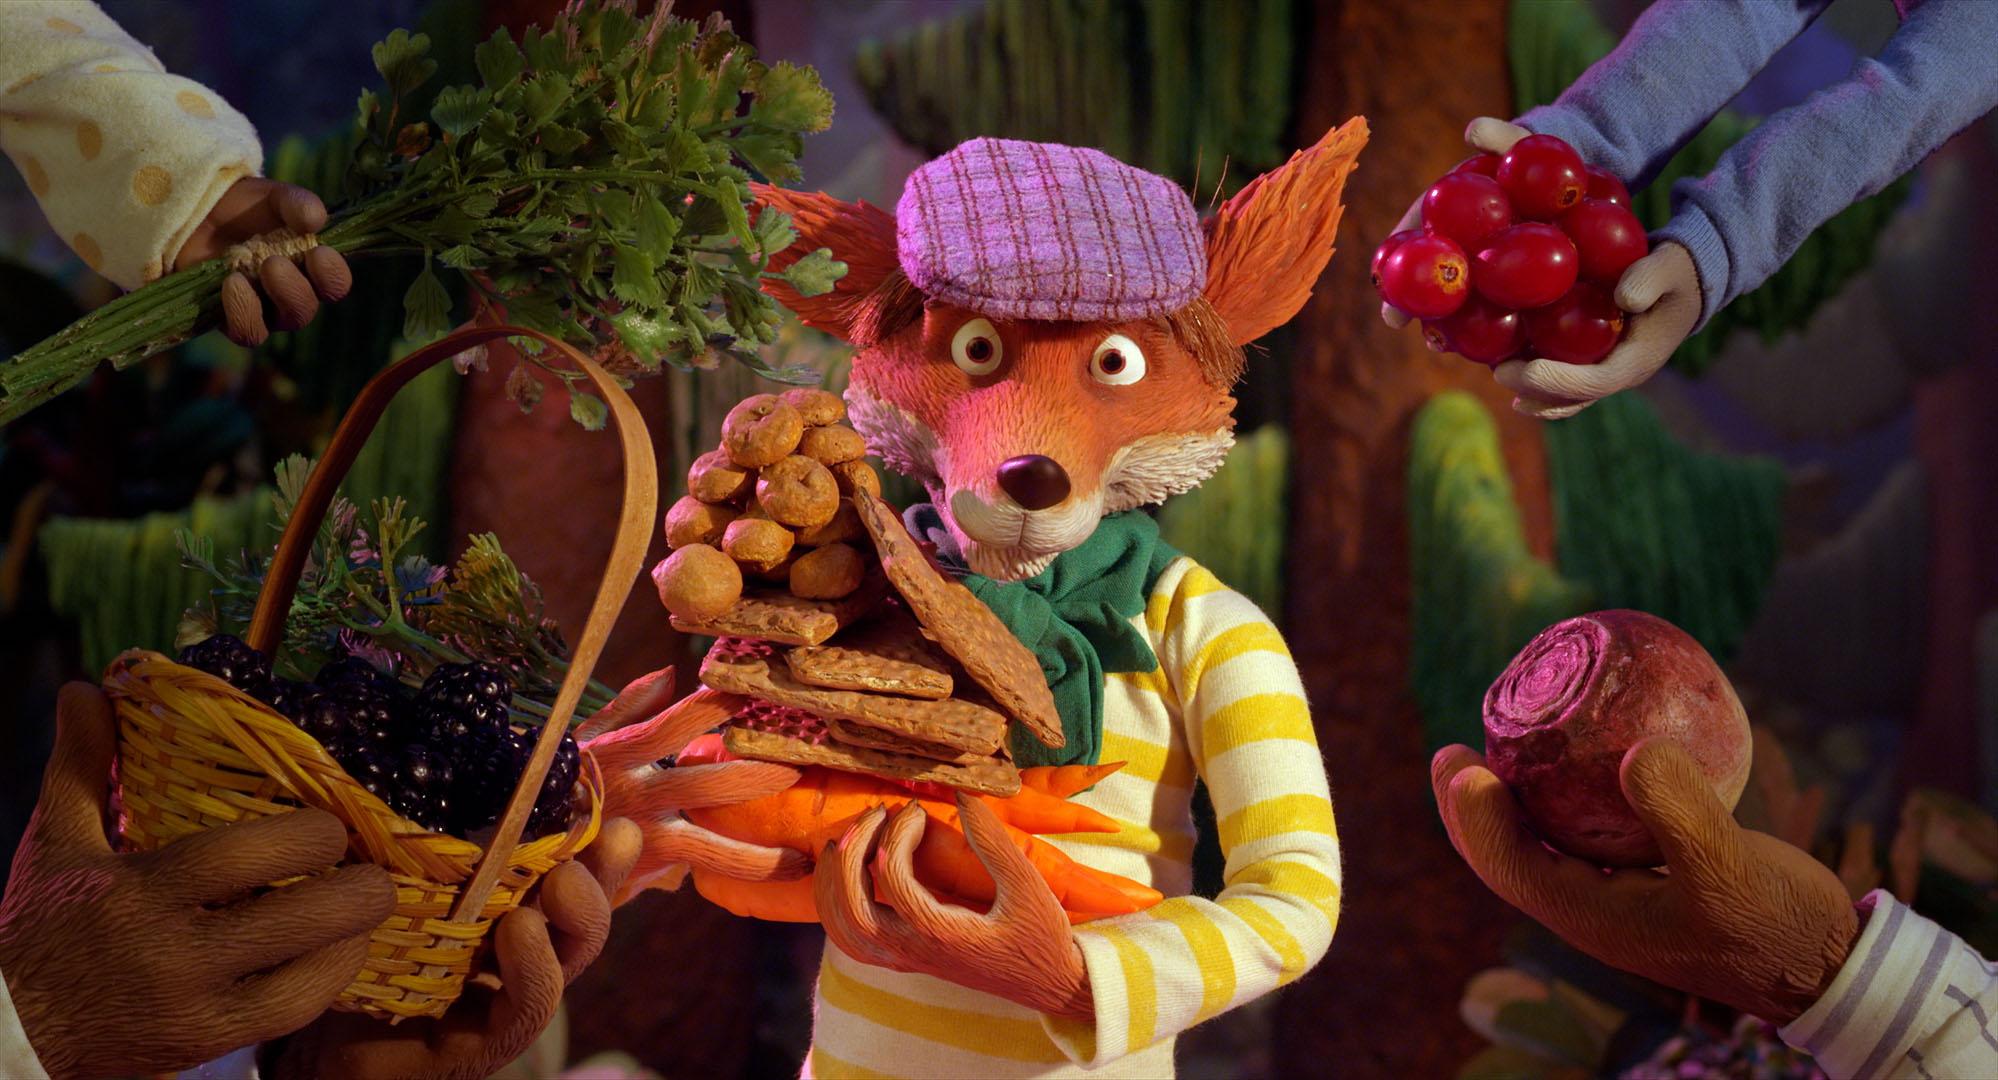 Mikkel Rev får beskjed om å slutte å spise de andre dyrene i skogen.